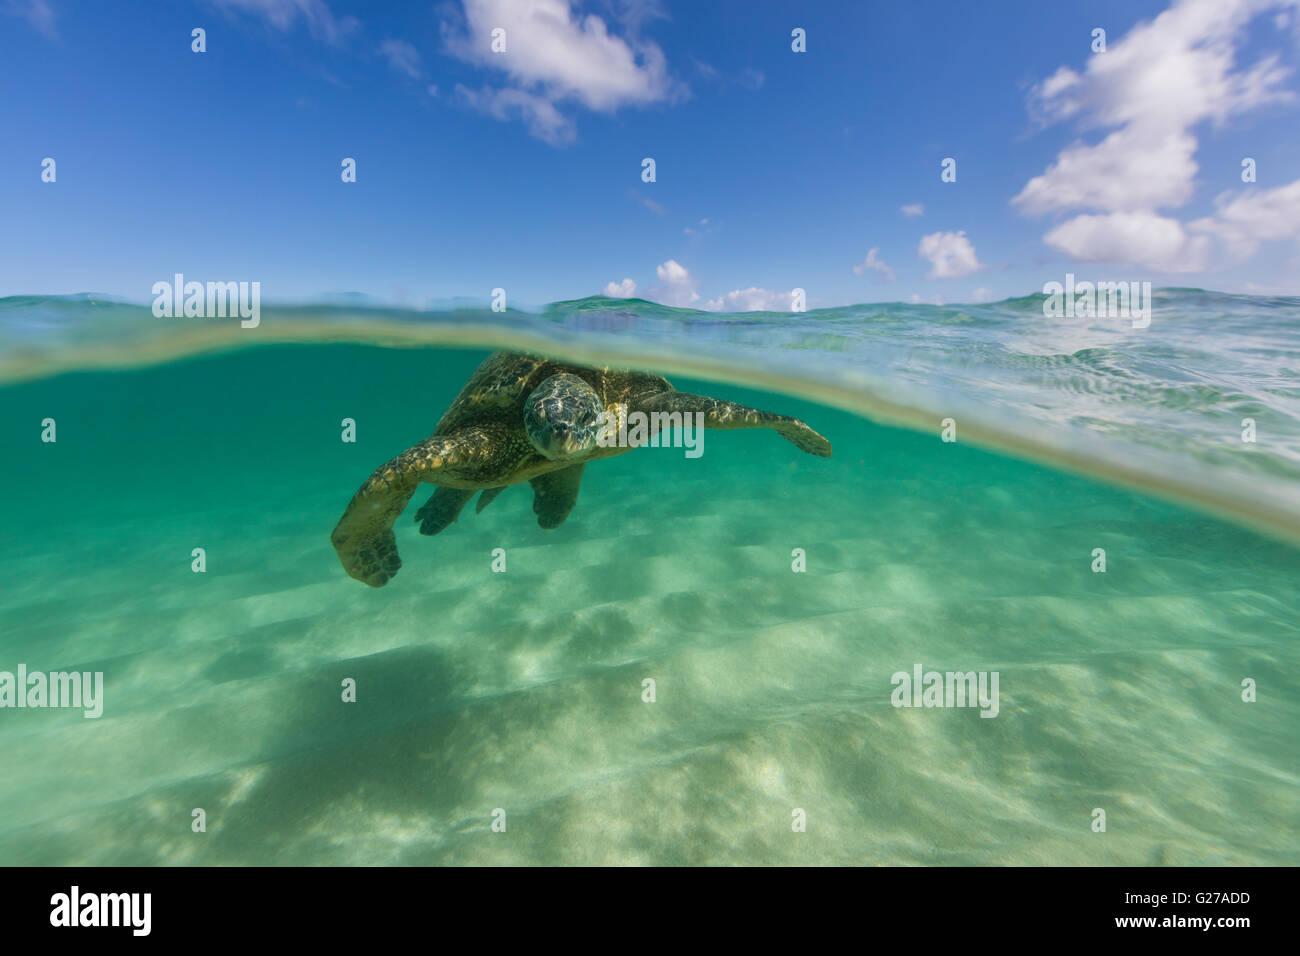 Une vue sous d'une tortue de mer verte d'Hawaii dans l'océan la baignade. Photo Stock